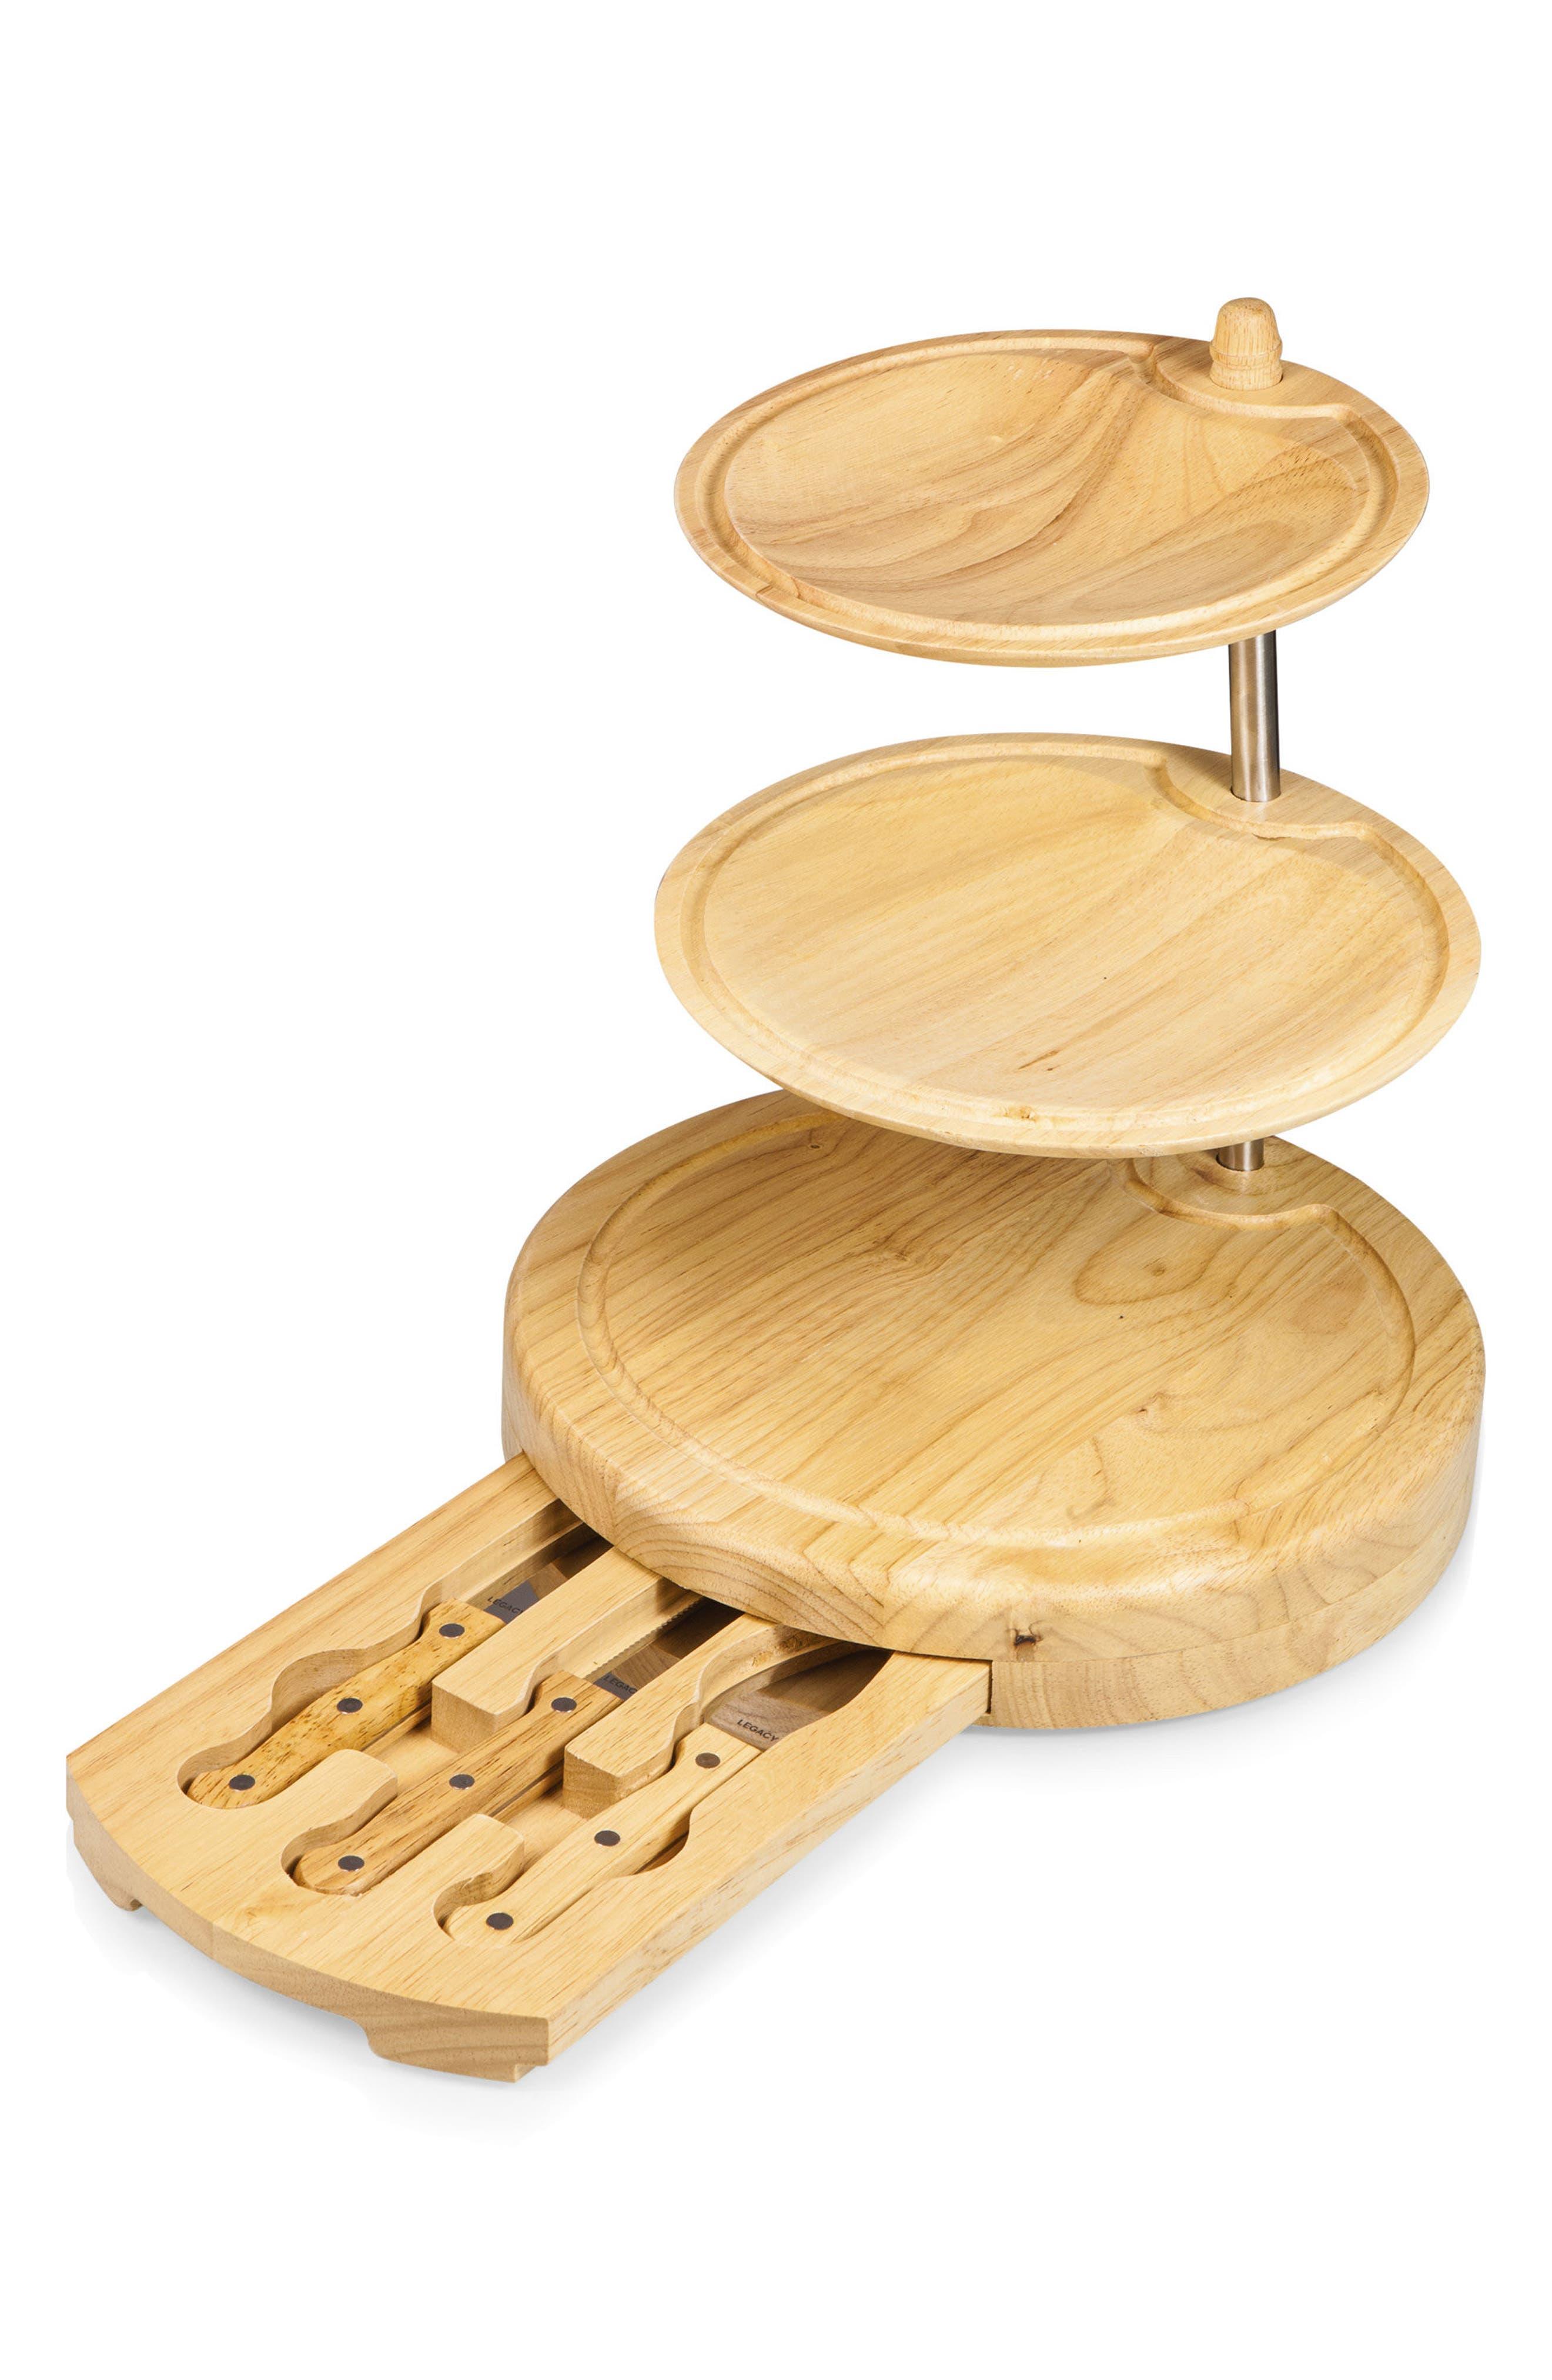 Regalio 3-Tier Cheese Board & Tool Set,                         Main,                         color, Brown